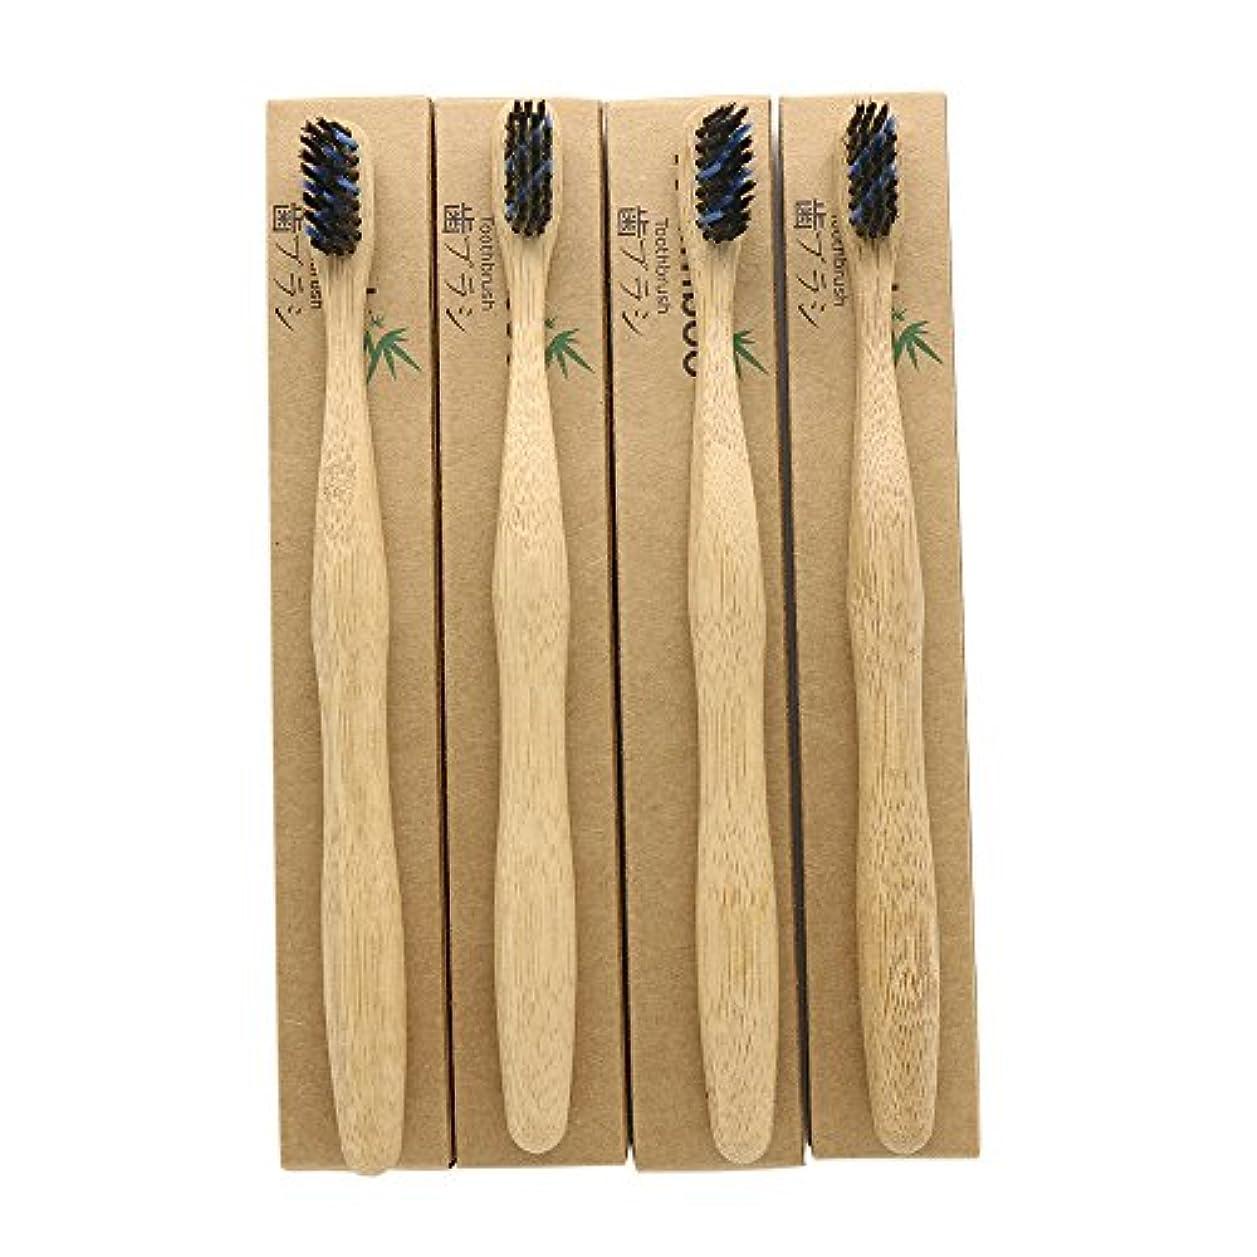 余韻寂しいクリスチャンN-amboo 竹製耐久度高い 歯ブラシ 黒いと青い 4本入り セット